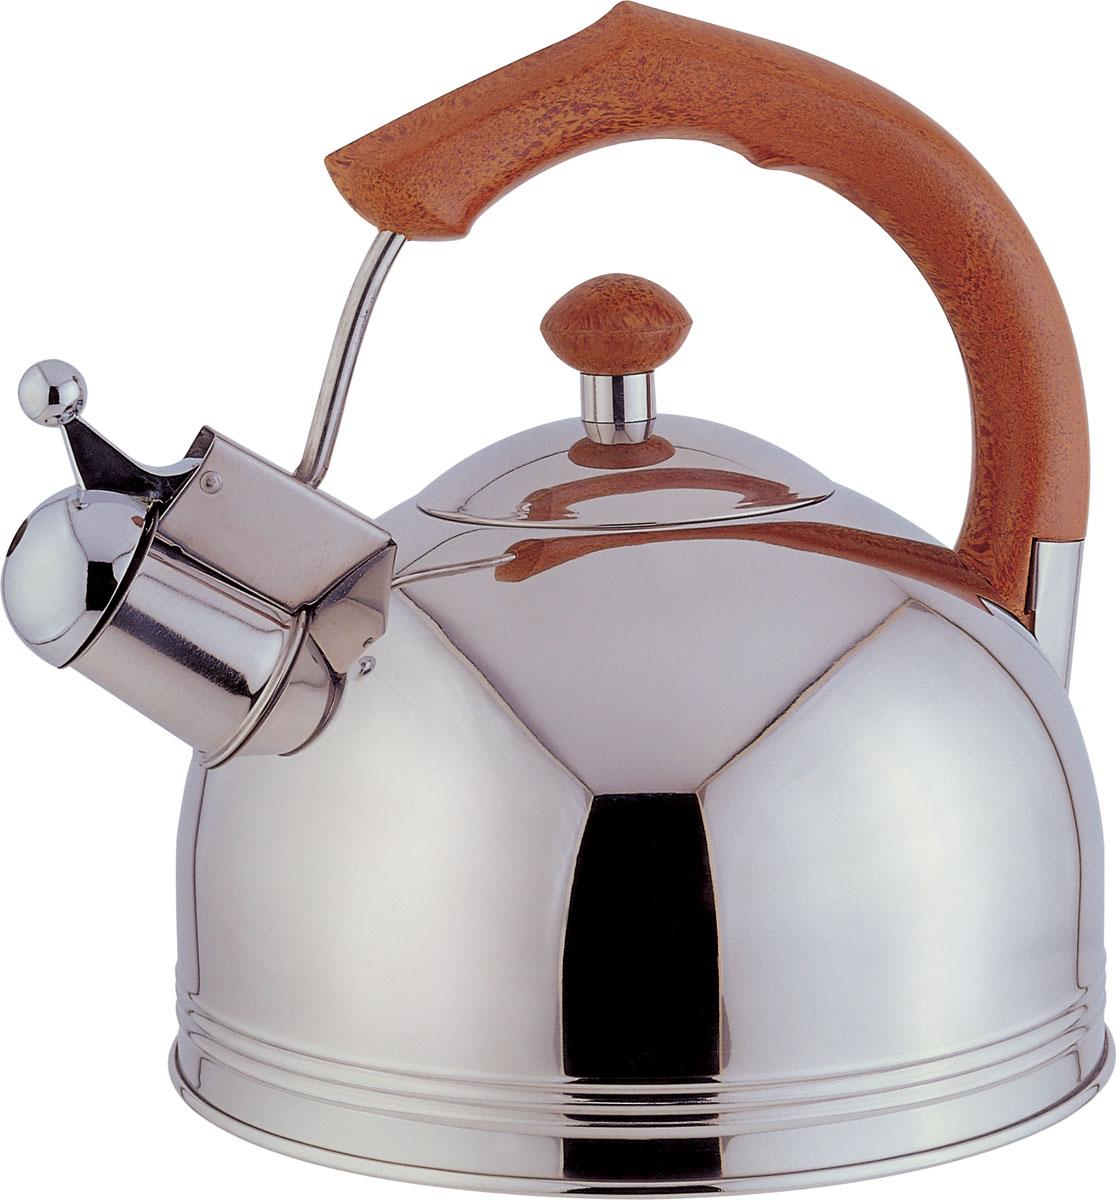 Чайник Bekker Koch со свистком, 3 л. BK-S317BK-S317Чайник Bekker Koch выполнен из высококачественной нержавеющей стали, что обеспечивает долговечность использования. Внешнее зеркальное покрытие придает приятный внешний вид. Пластиковая фиксированная ручка делает использование чайника очень удобным и безопасным. Чайник снабжен свистком и устройством для открывания носика. Изделие оснащено капсулированным дном для лучшего распространения тепла. Можно мыть в посудомоечной машине. Пригоден для всех видов плит кроме индукционных. Высота чайника (без учета крышки и ручки): 11,5 см. Диаметр основания: 20 см. Толщина стенки: 3 мм.